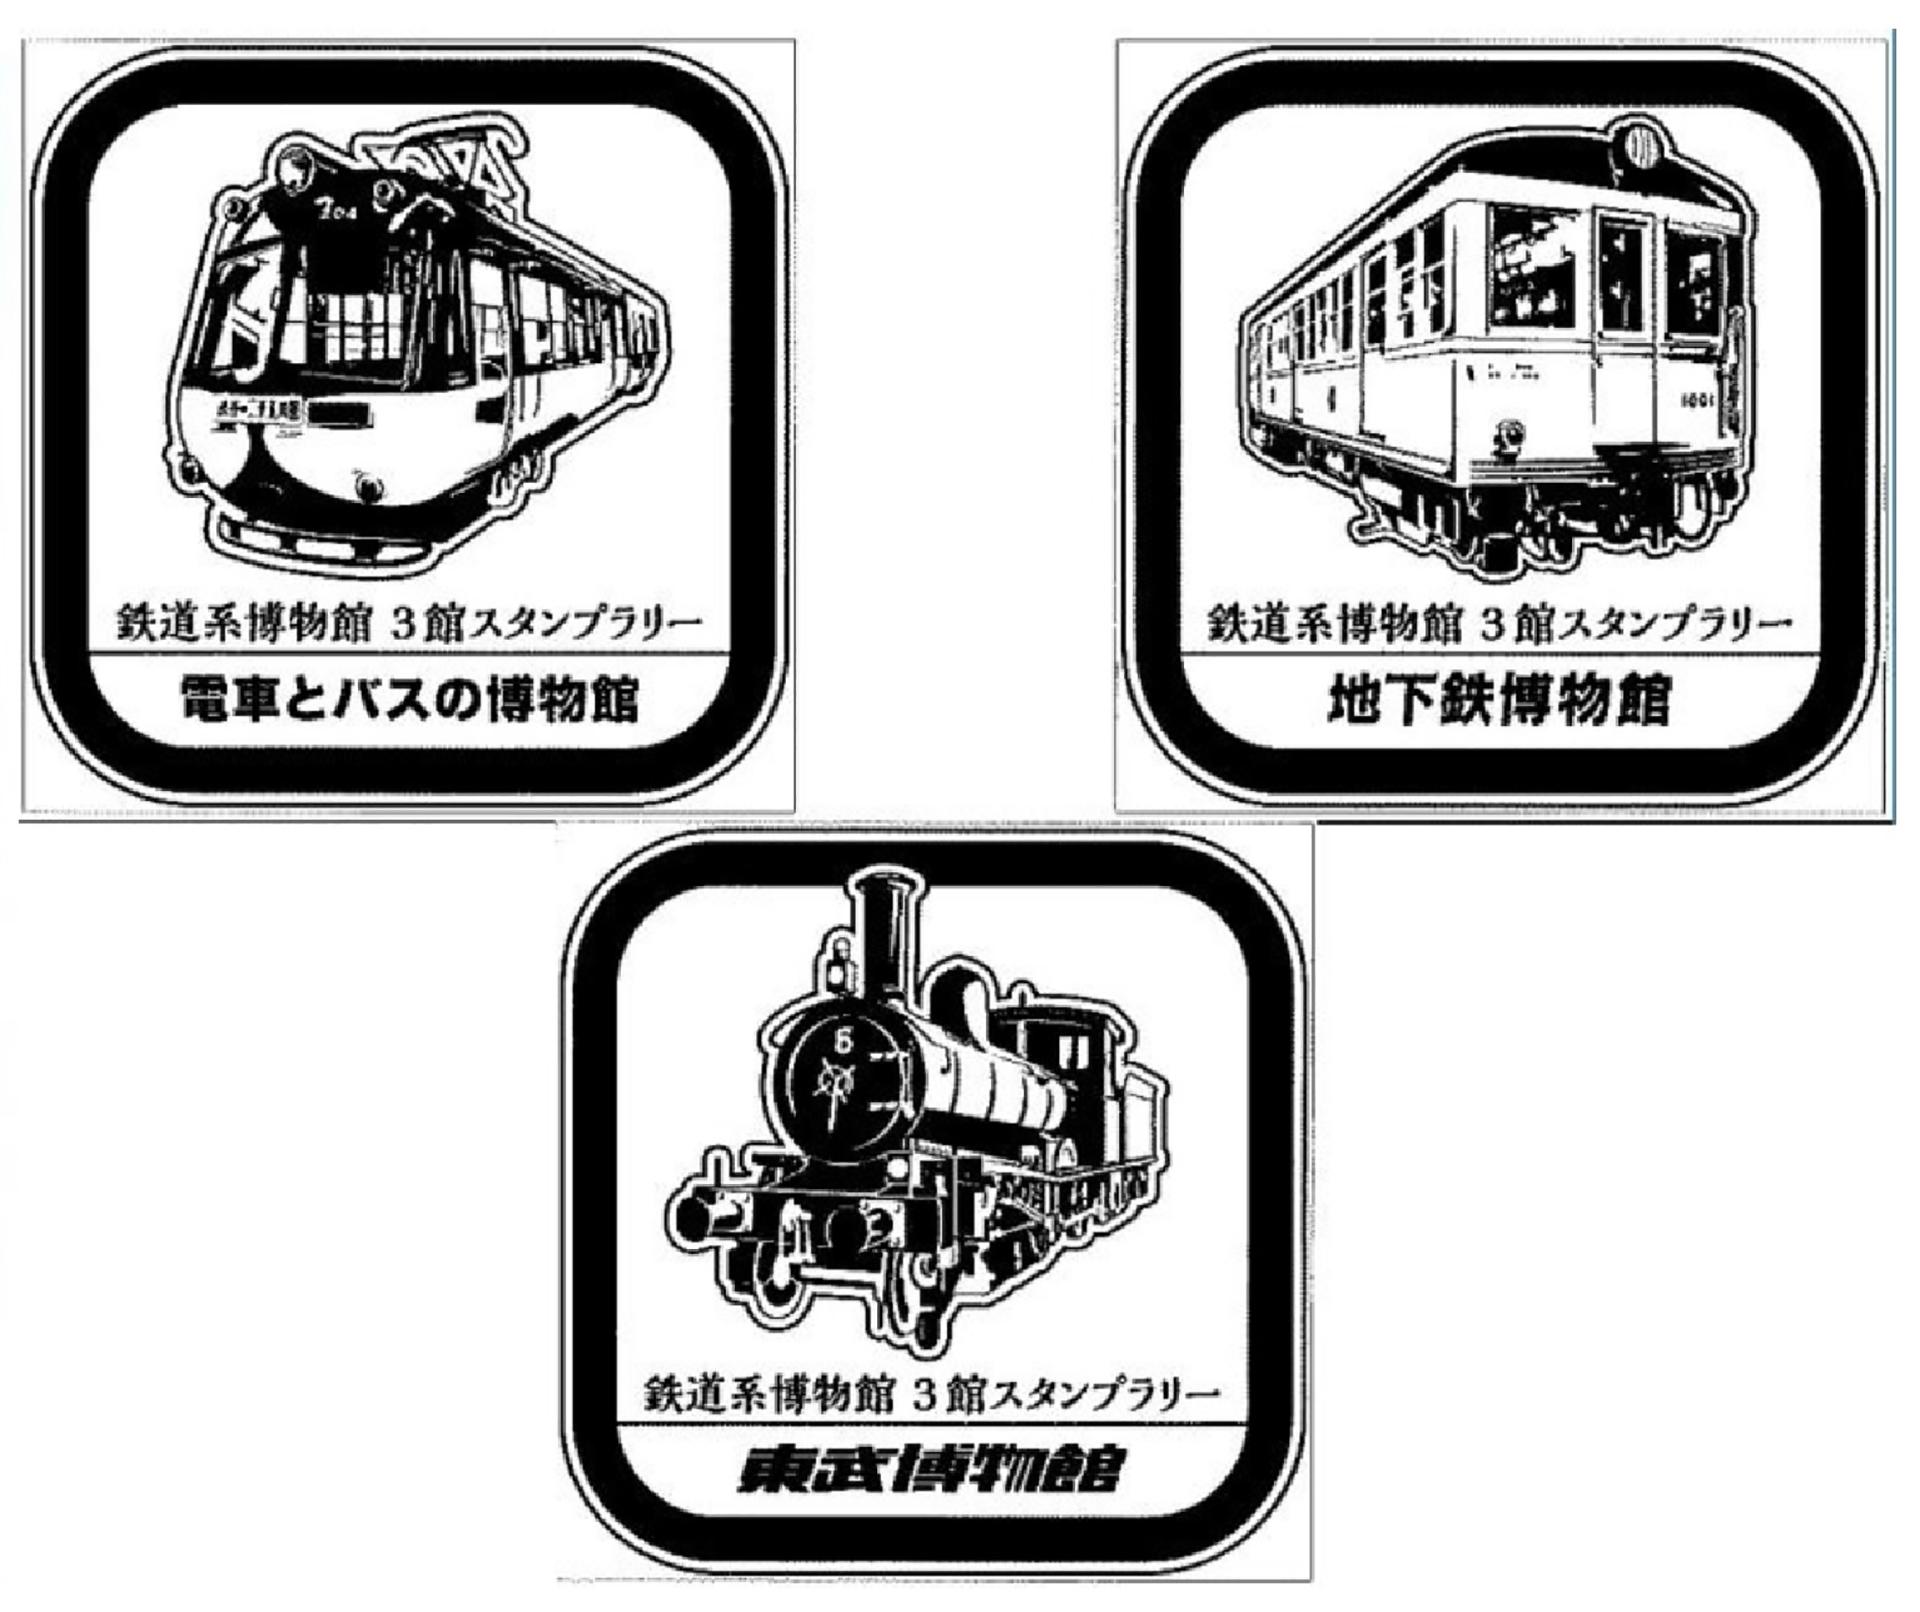 鉄道系博物館3館スタンプラリー